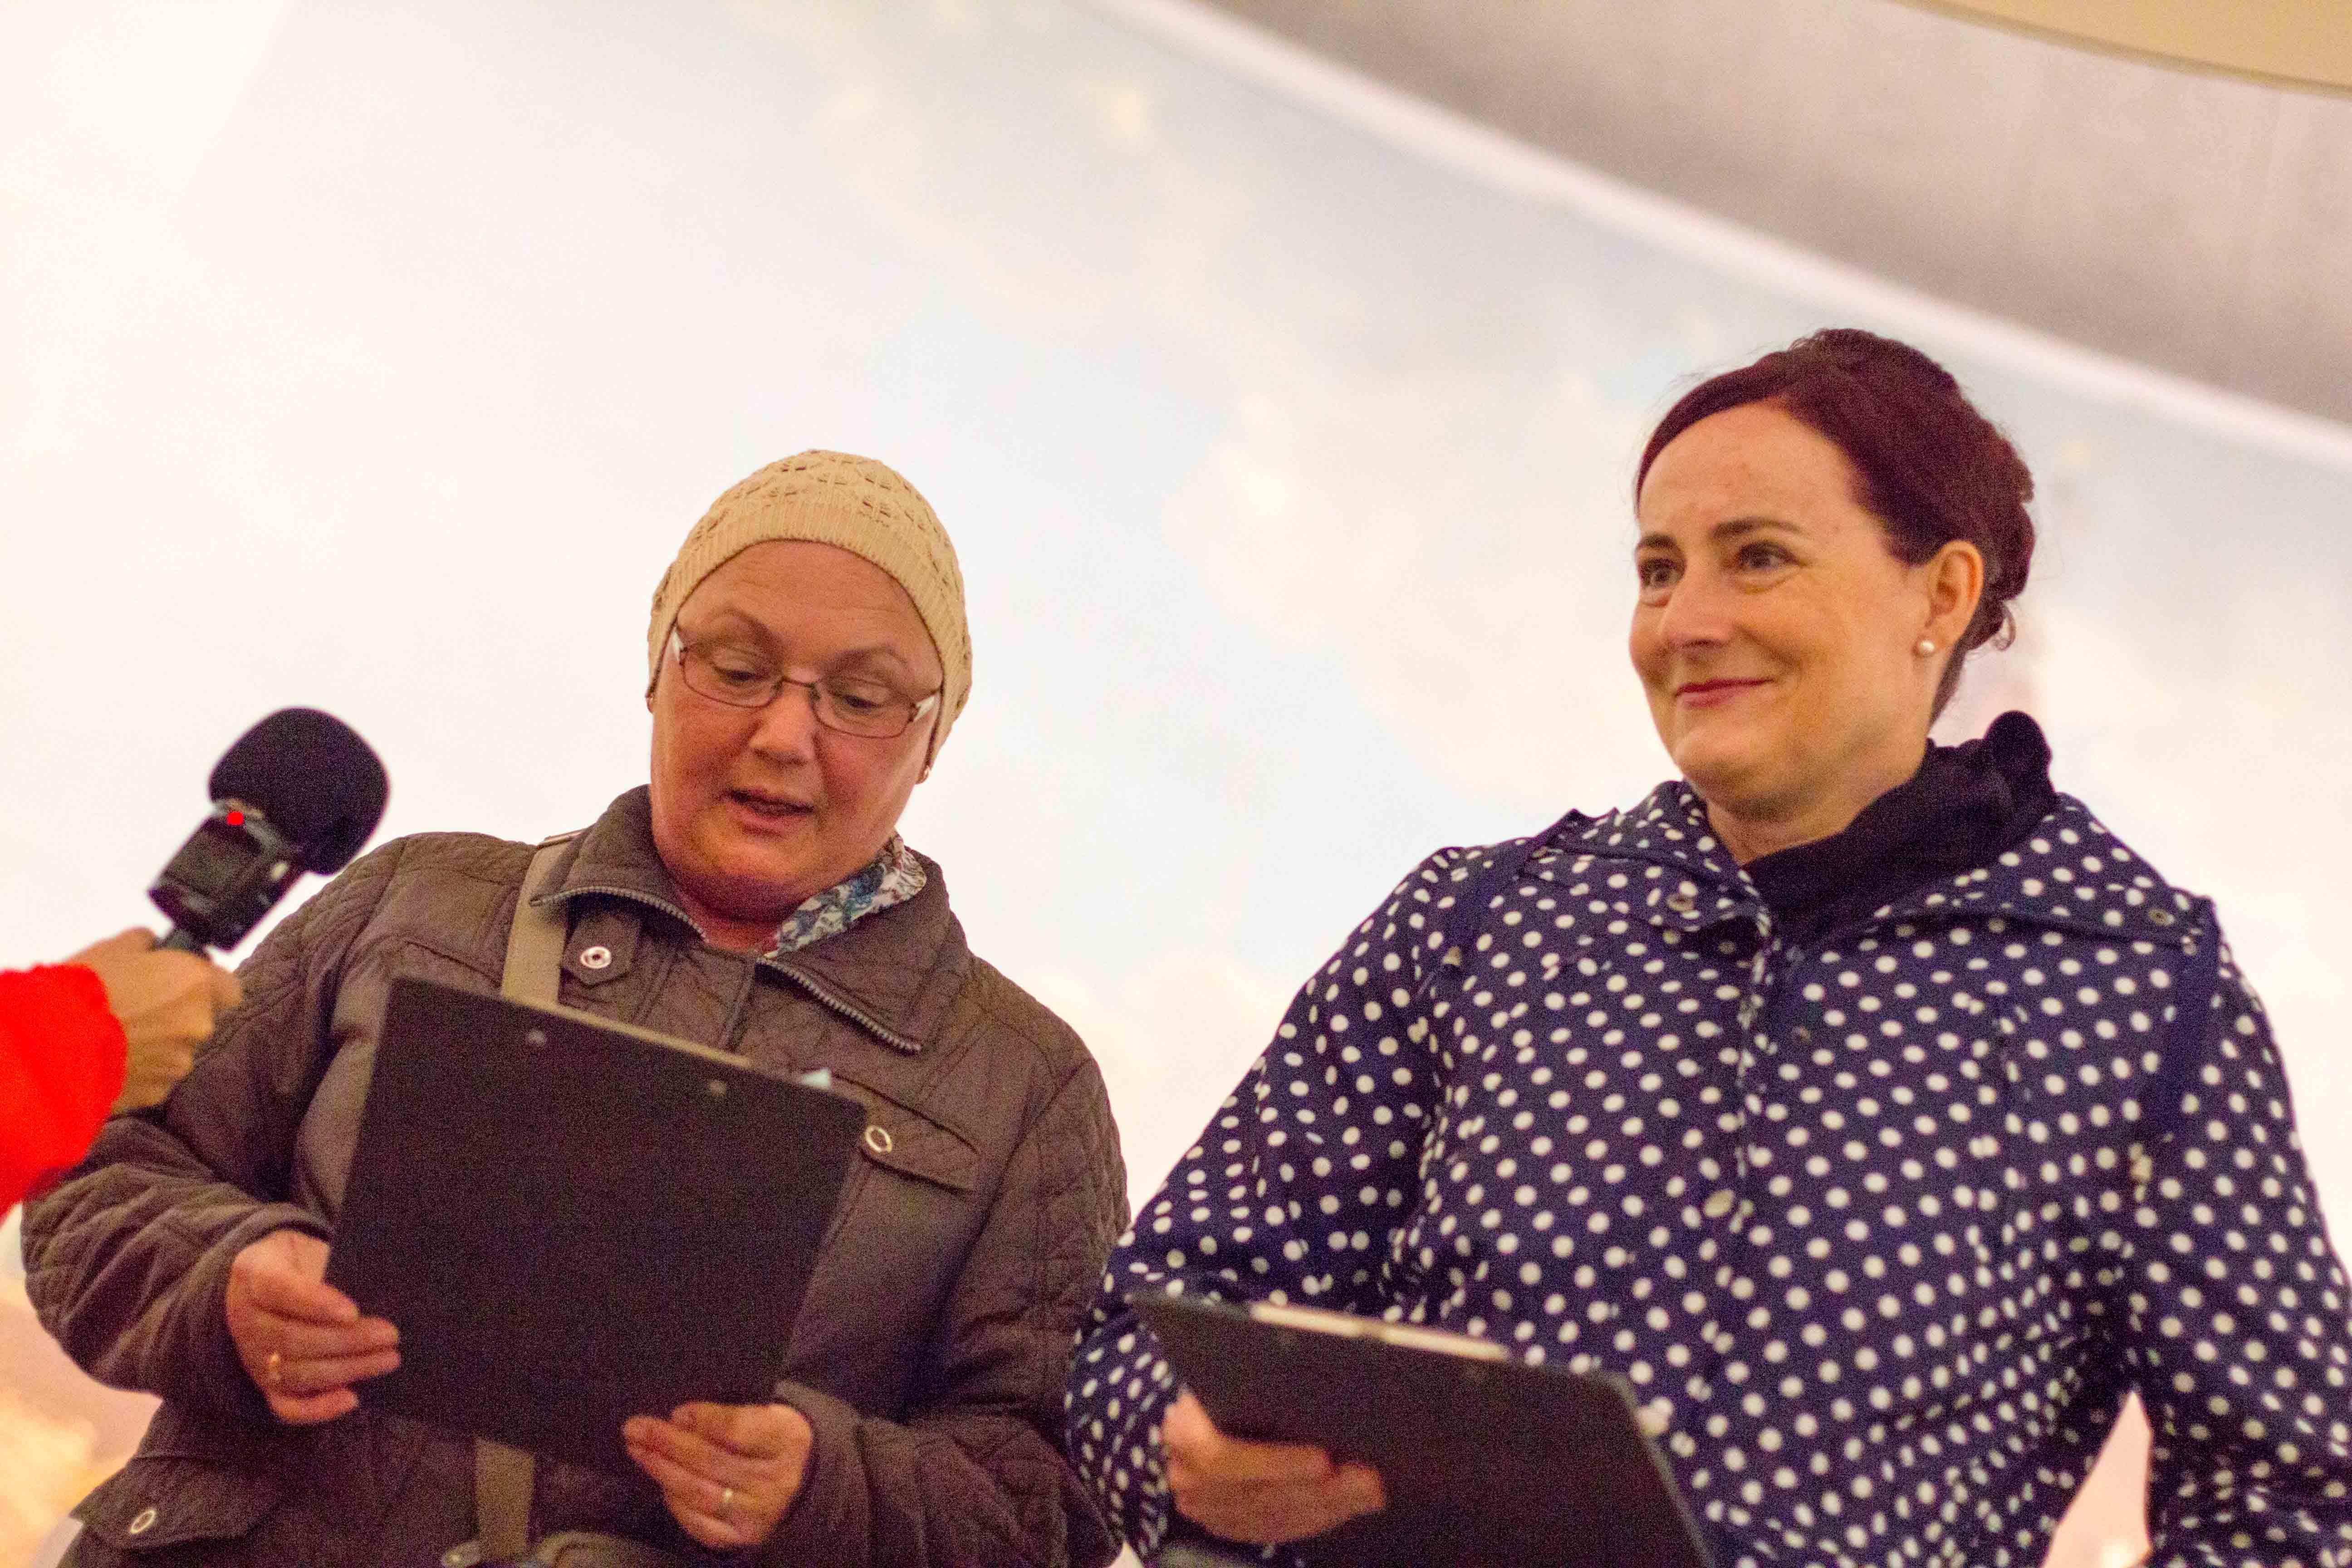 Brigitte Mathys und Franziska Müller stellen ihre Geschichte vor.